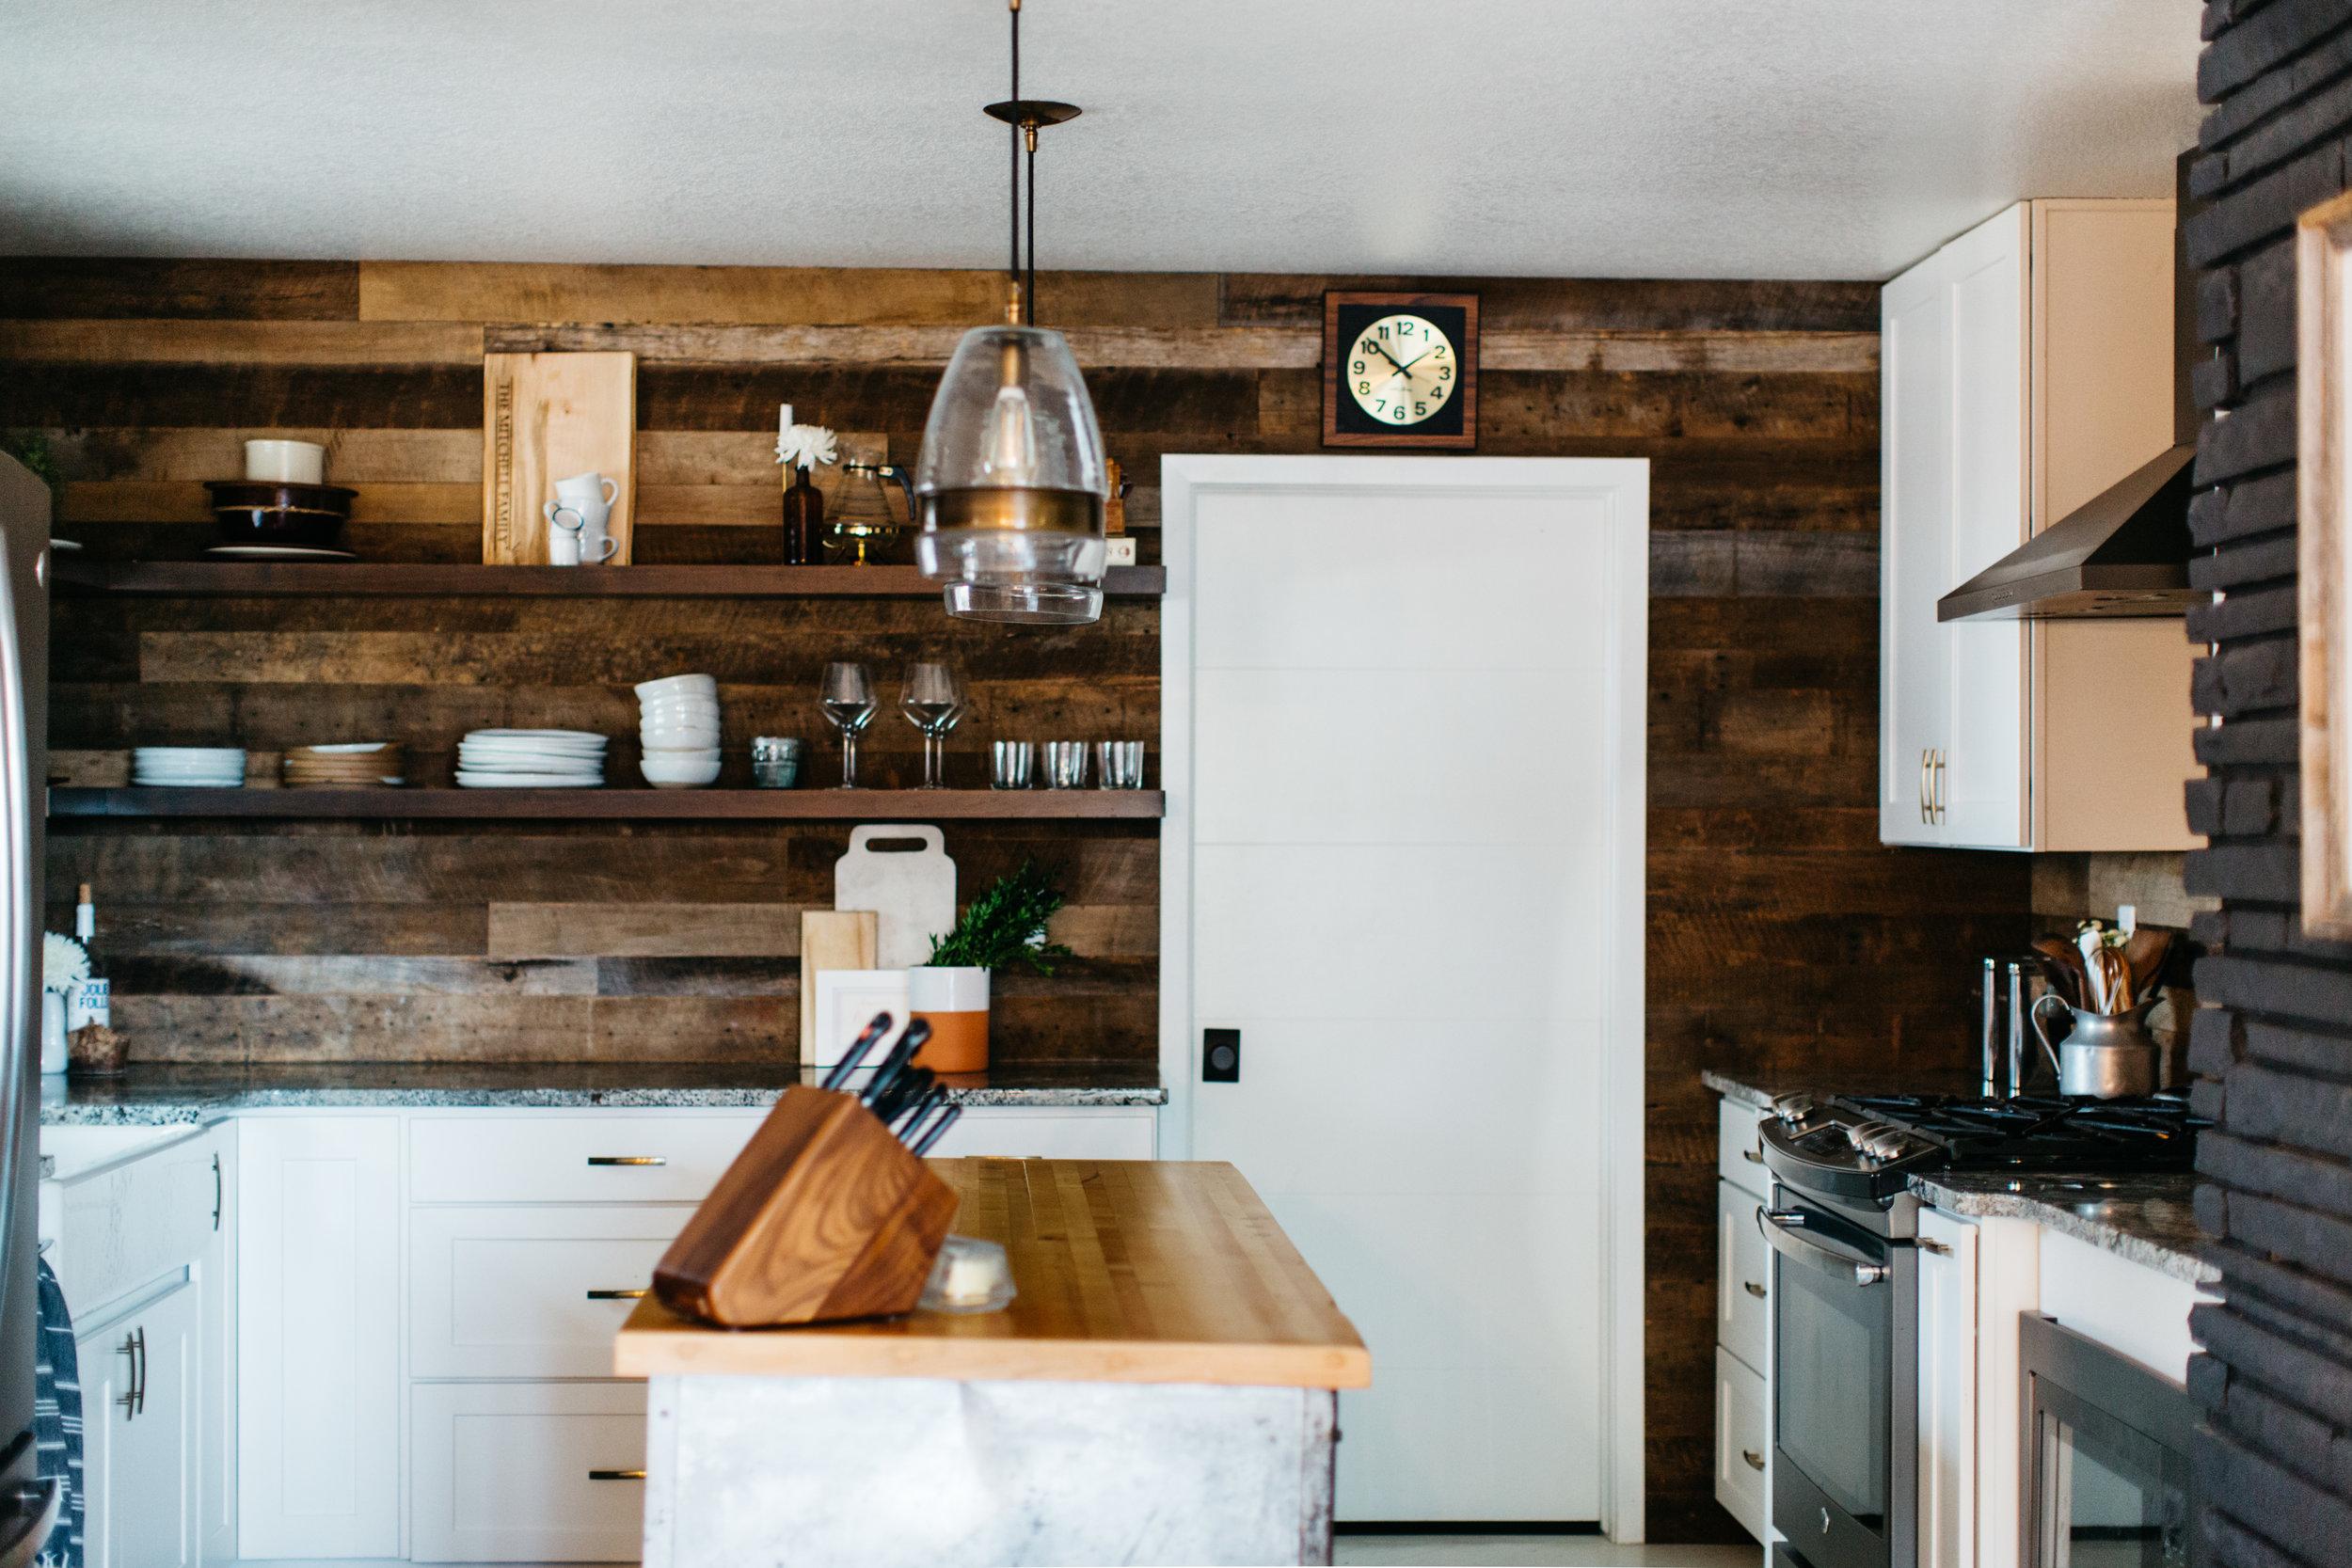 mitchell-kitchen-after-6.jpg